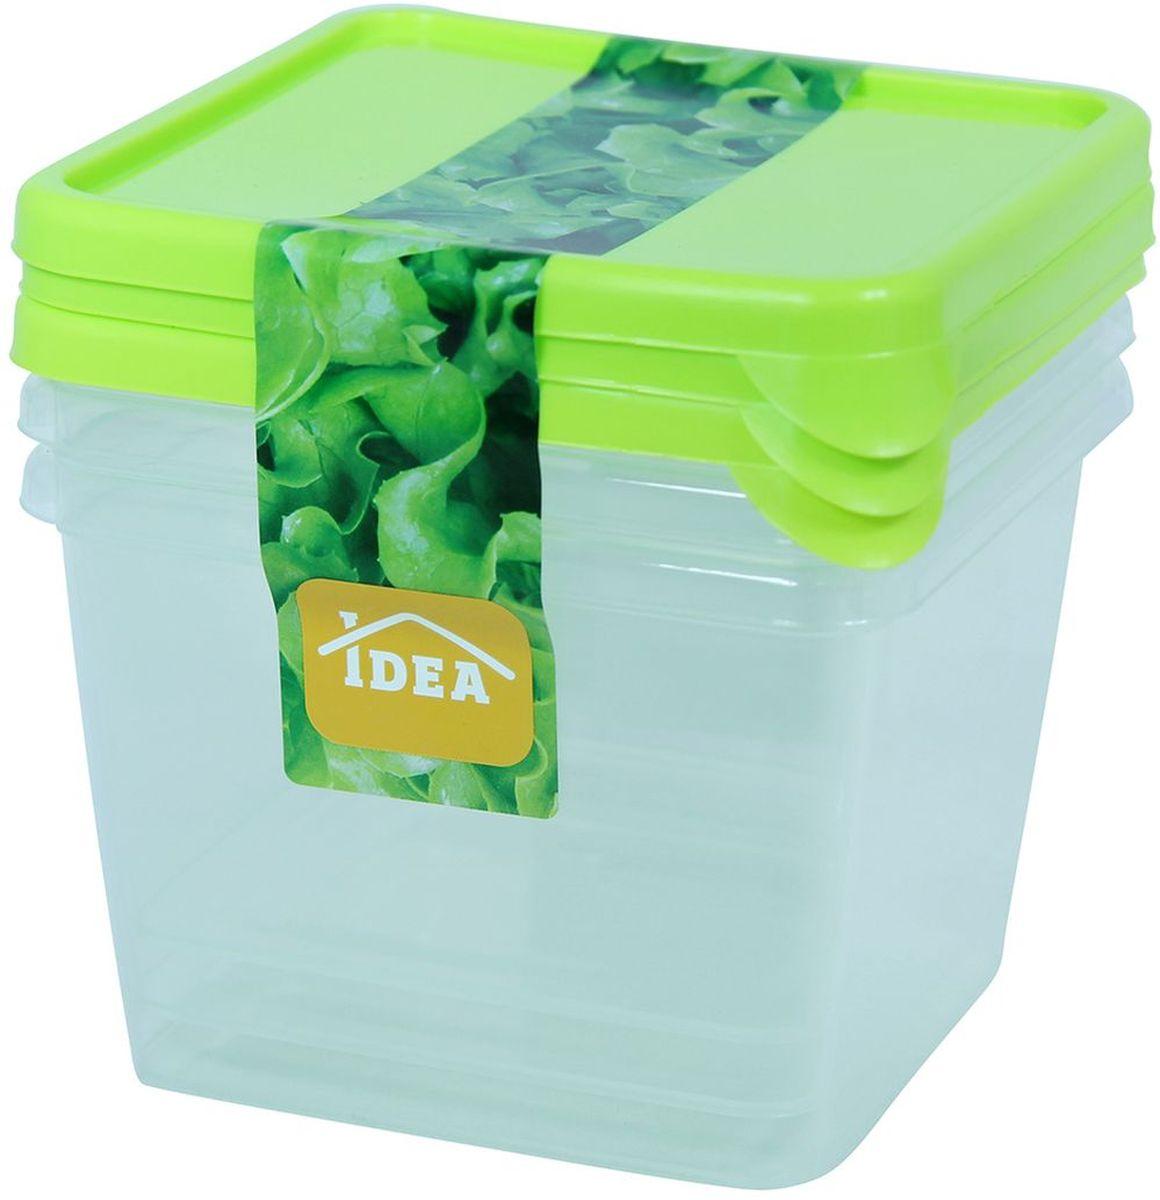 Набор контейнеров Idea, 750 мл, 3 шт. М 1444VT-1520(SR)Набор Idea состоит из 3 контейнеров, выполненных из высококачественного пластика. Изделия идеально подходят для хранения различных продуктов. Набор контейнеров Idea можно мыть в посудомоечной машине. Можно использовать в микроволной печи и холодильнике.